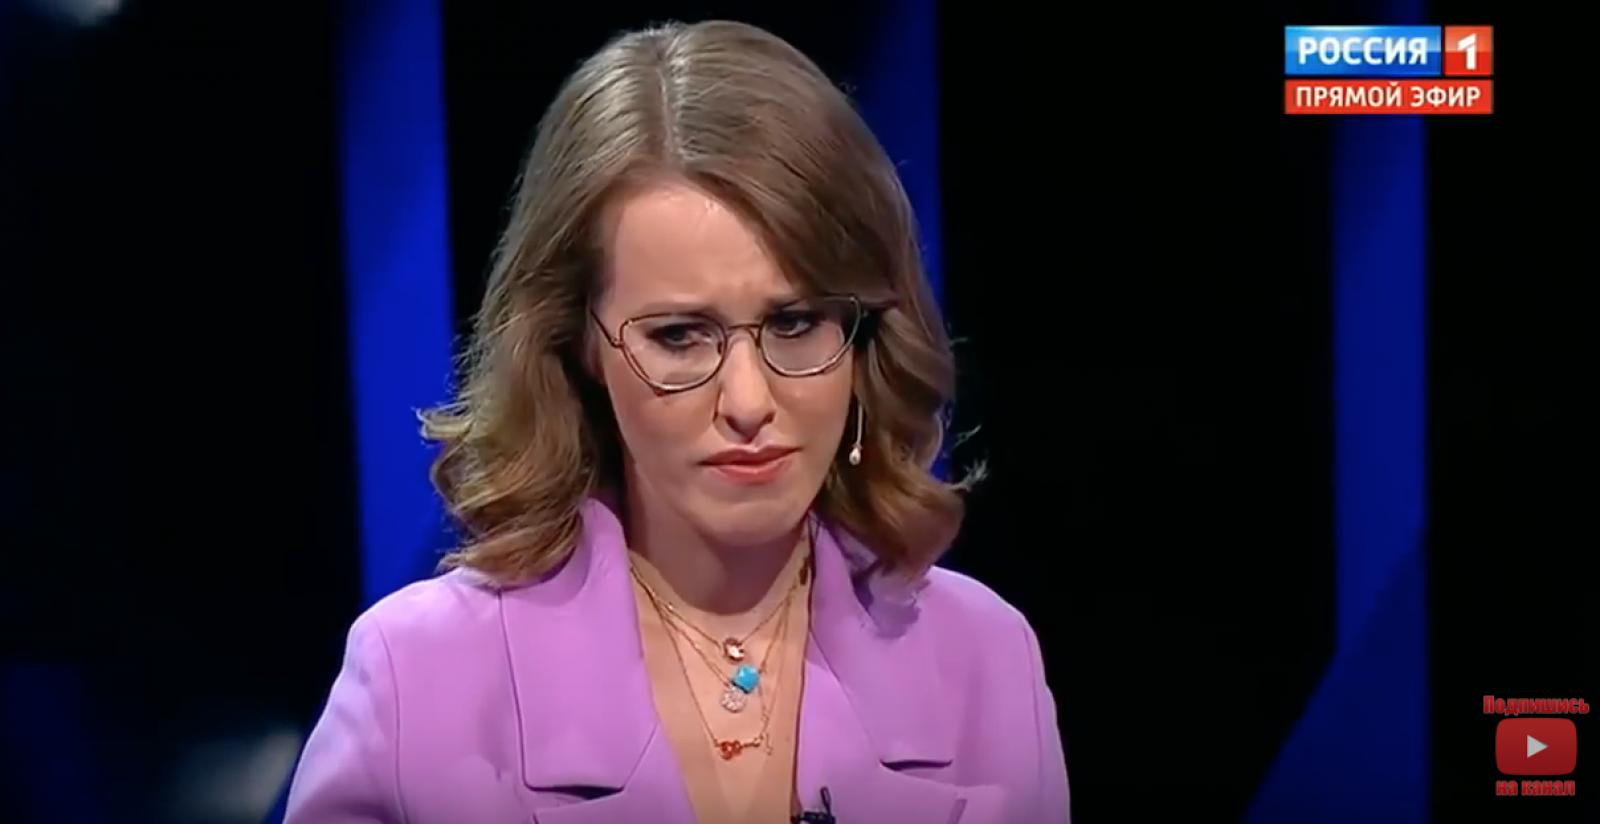 (video) Dezbateri în Rusia: Pe final de campanie, Ksenia Sobchak a început să plângă în emisie directă